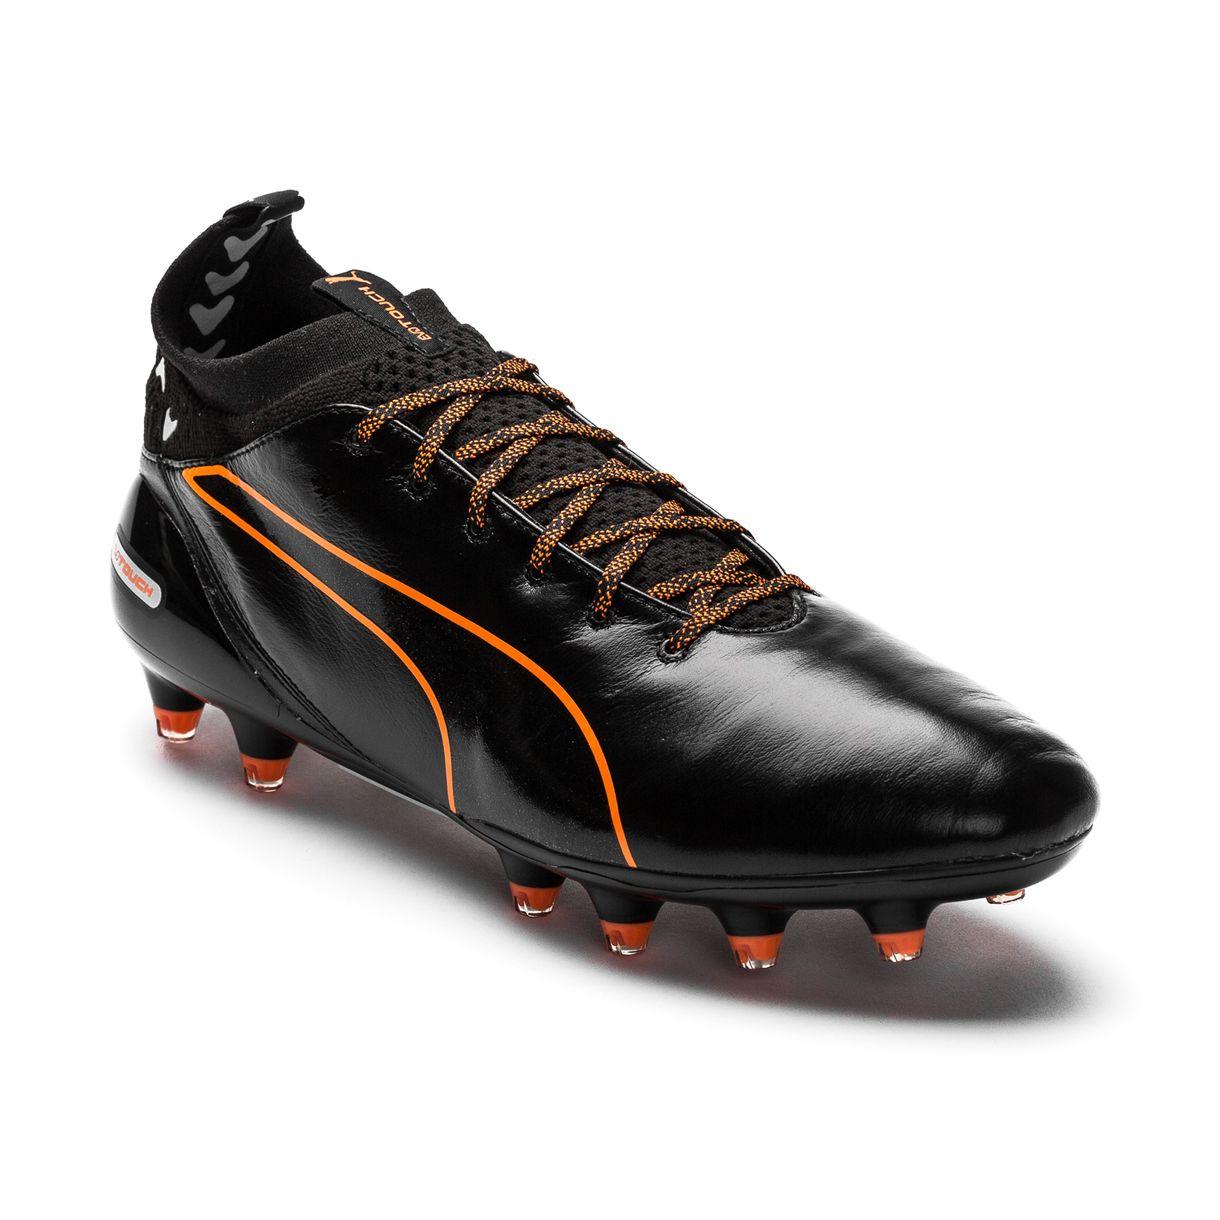 sort puma football boots new arrivals